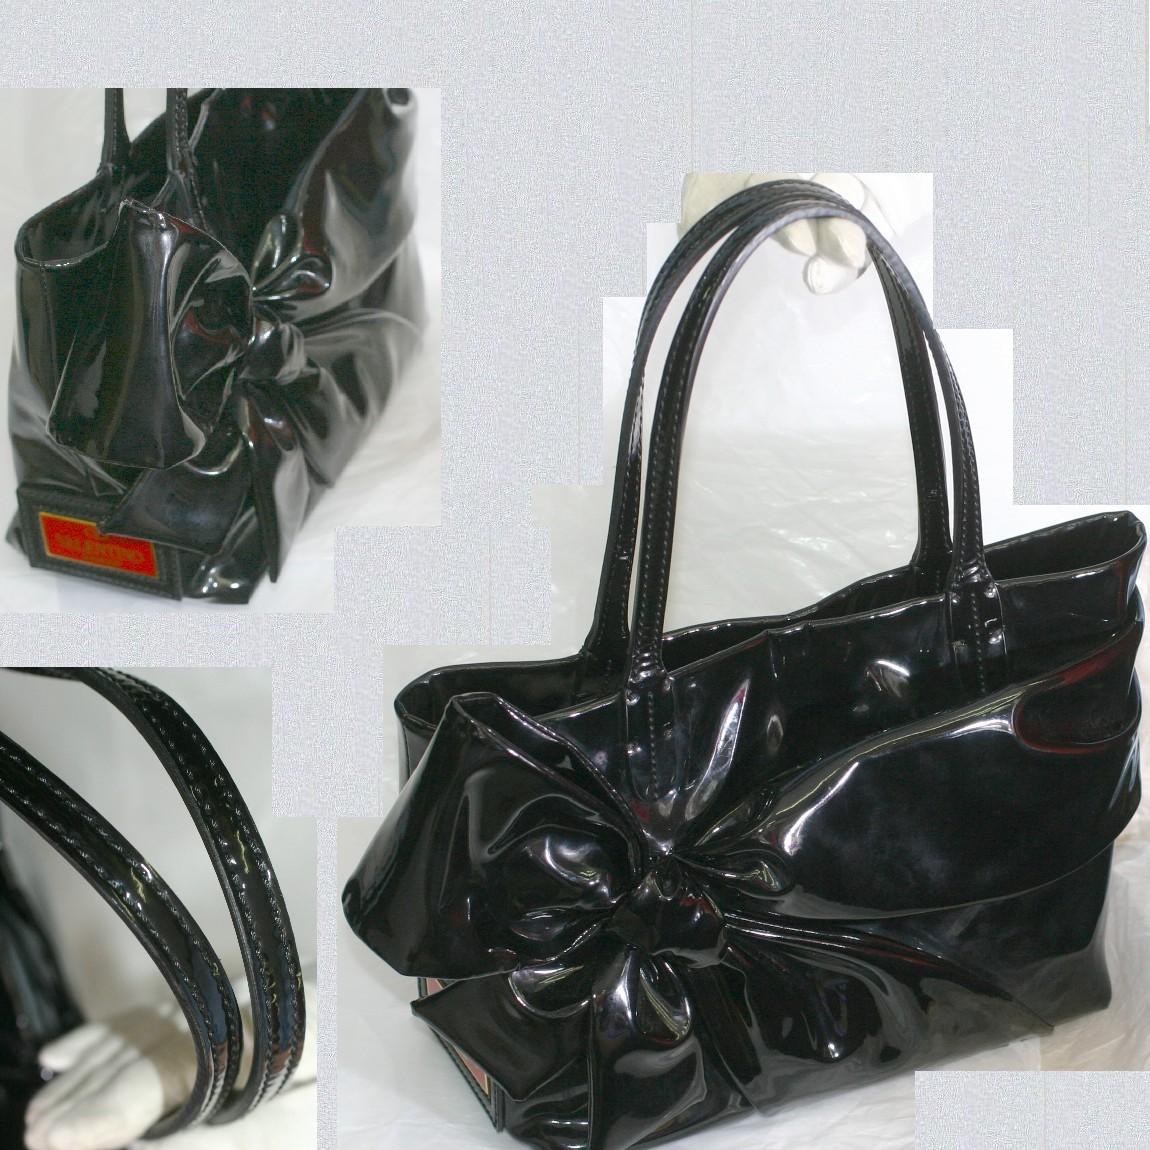 【中古】本物新品同様ヴァンレンティノガラバーニ女性用光り輝く綺麗な黒いエナメル素材大きいリボンが際立つトートバッグW31H20D12cm, 健康 美容雑貨 メイダイ:12b64e79 --- officewill.xsrv.jp